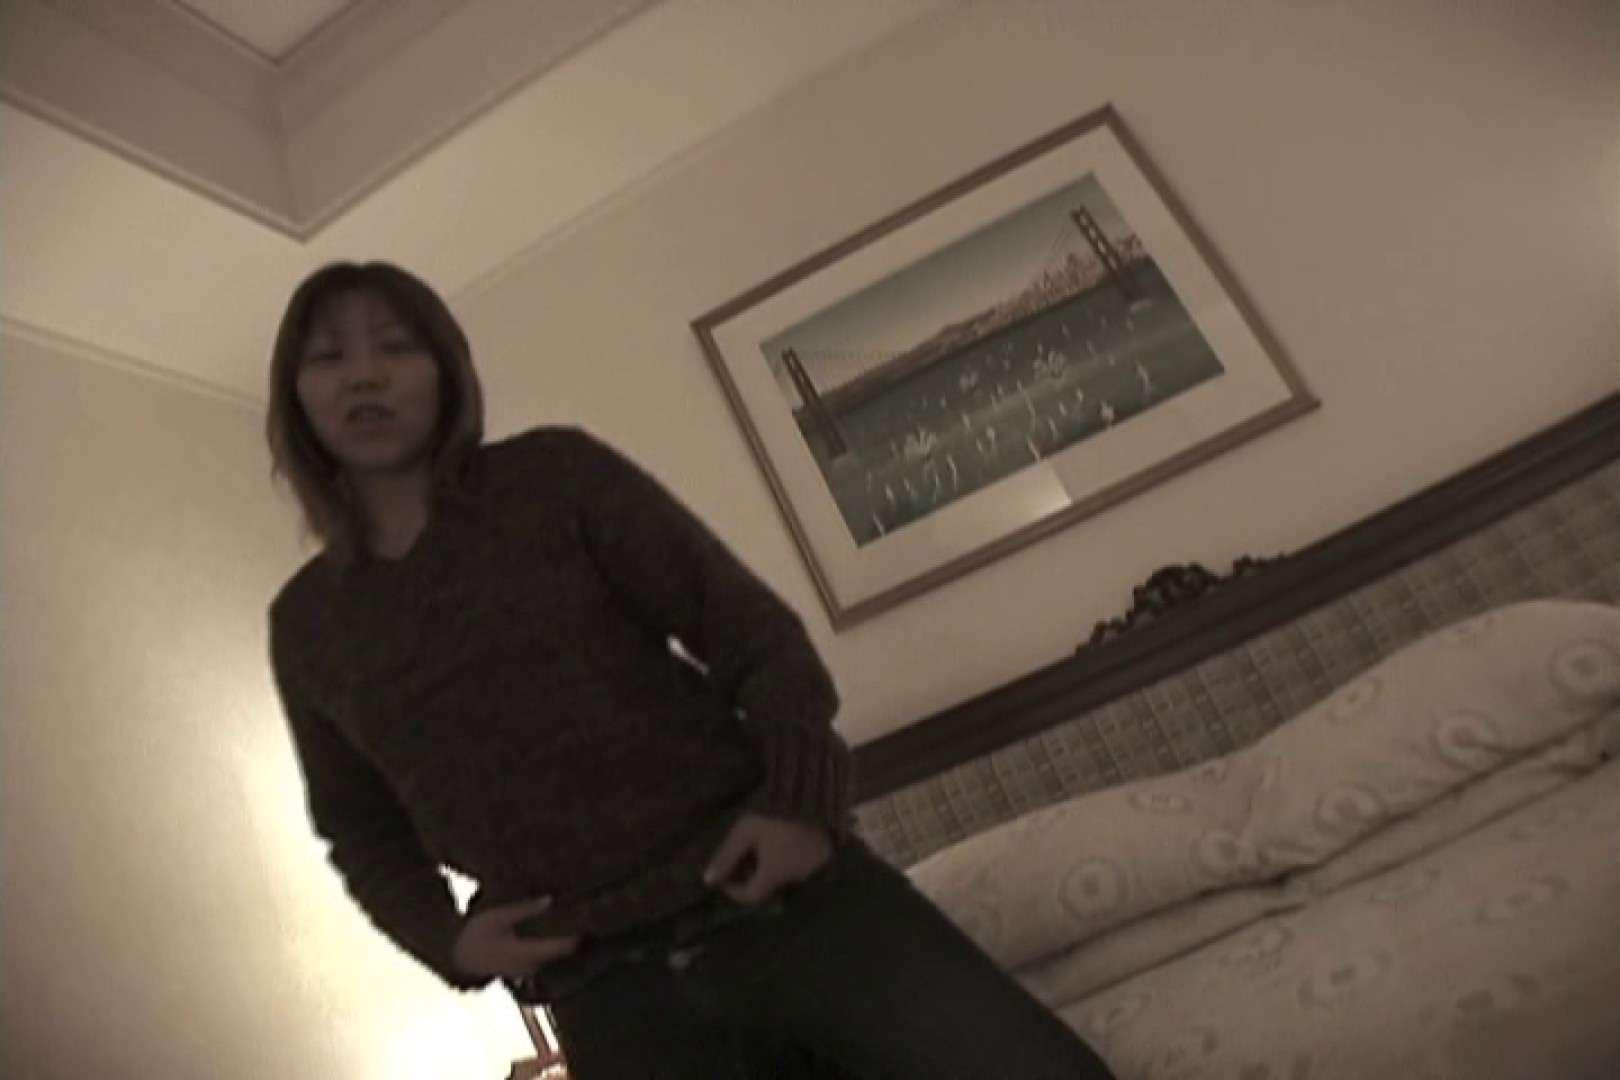 ツンデレ素人嬢もチンポには弱い~増田あけみ~ 素人丸裸  99pic 46